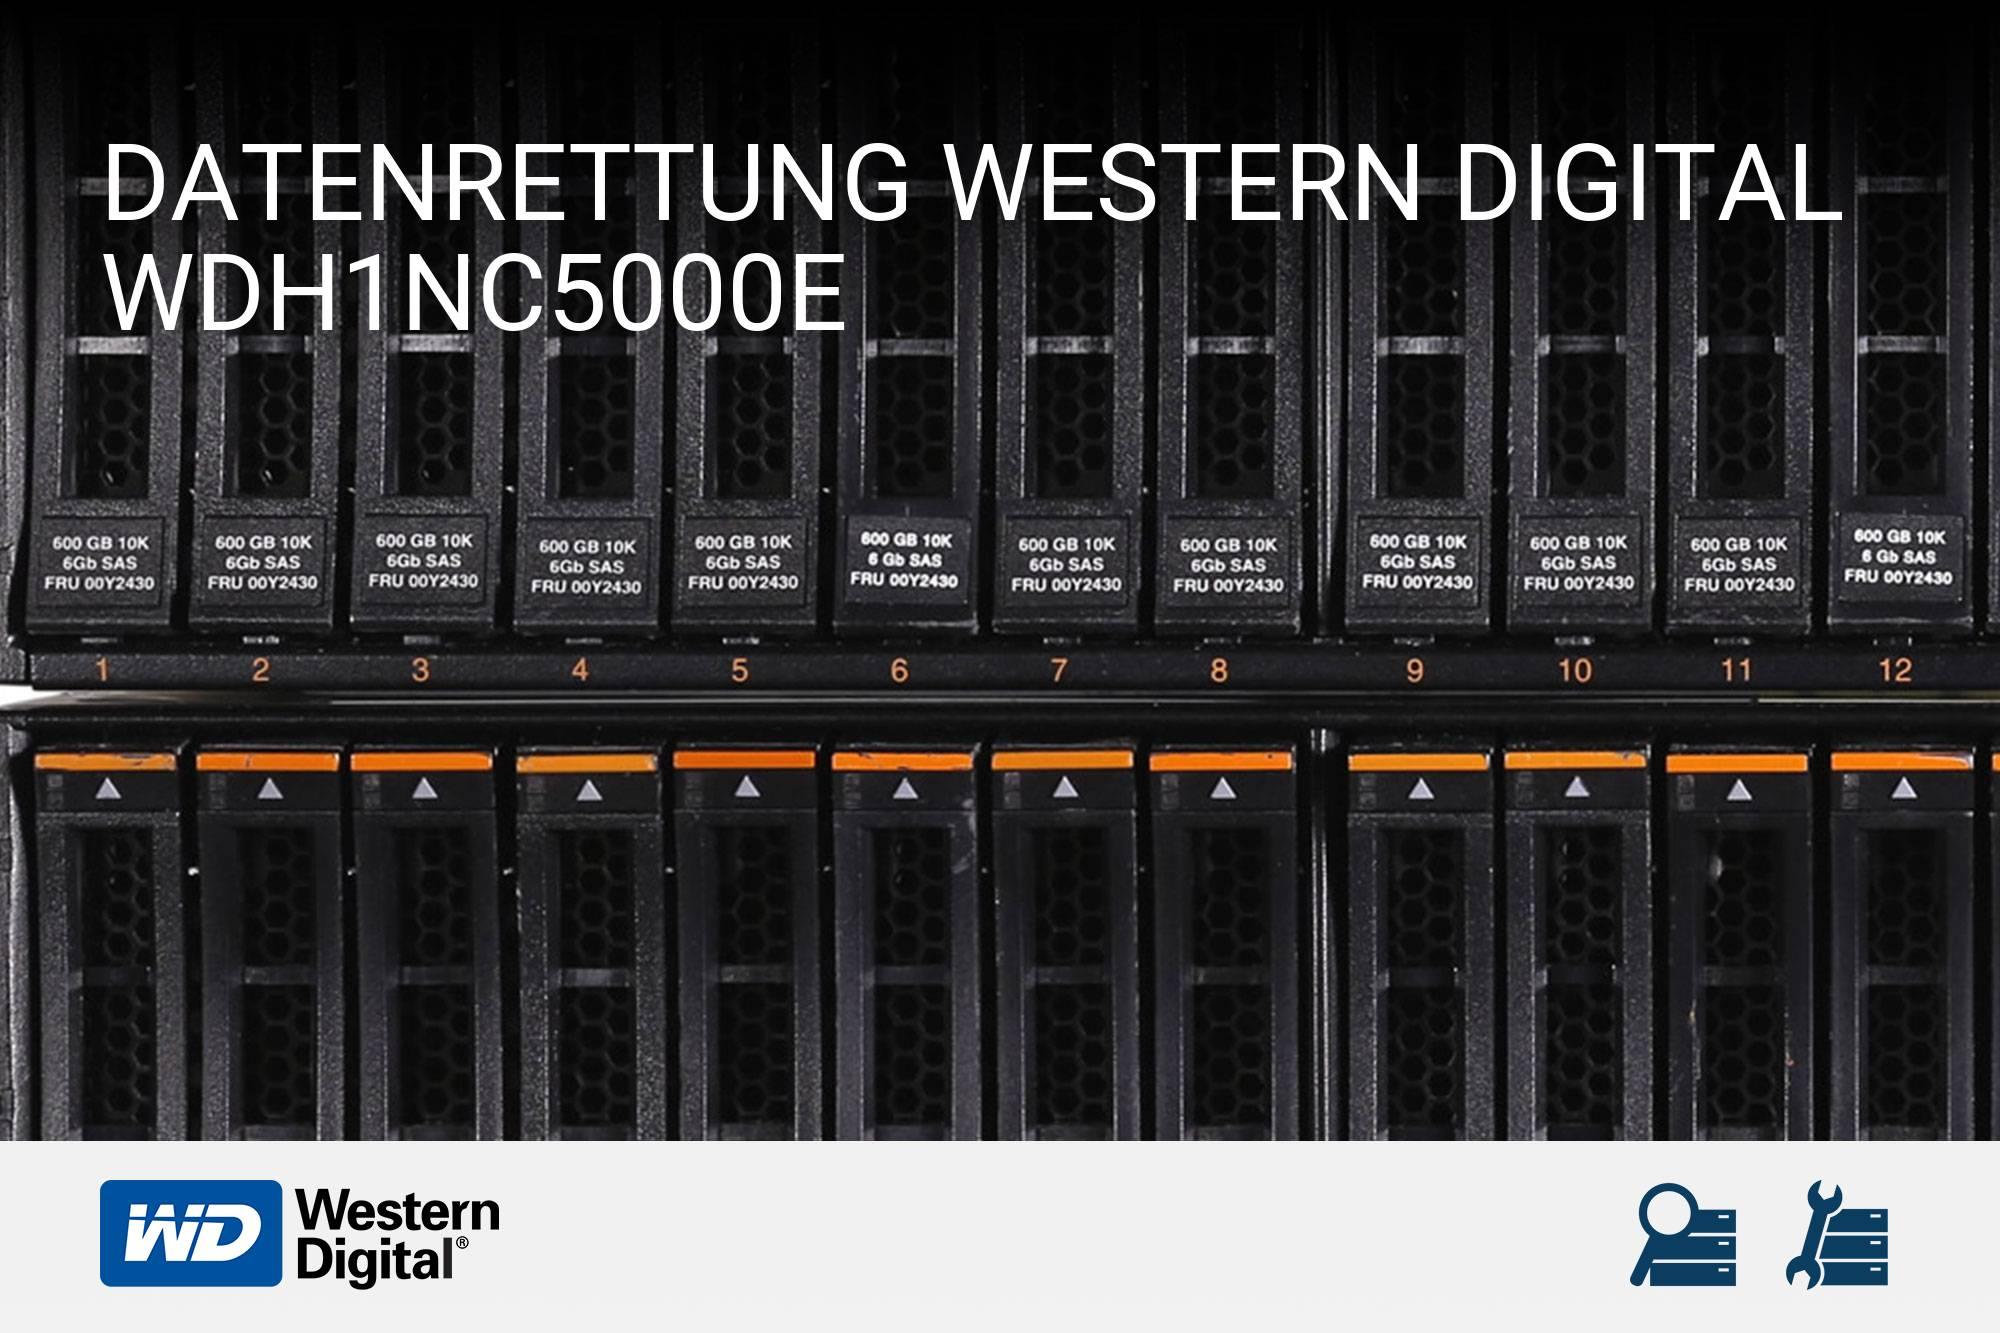 Western Digital WDH1NC5000E